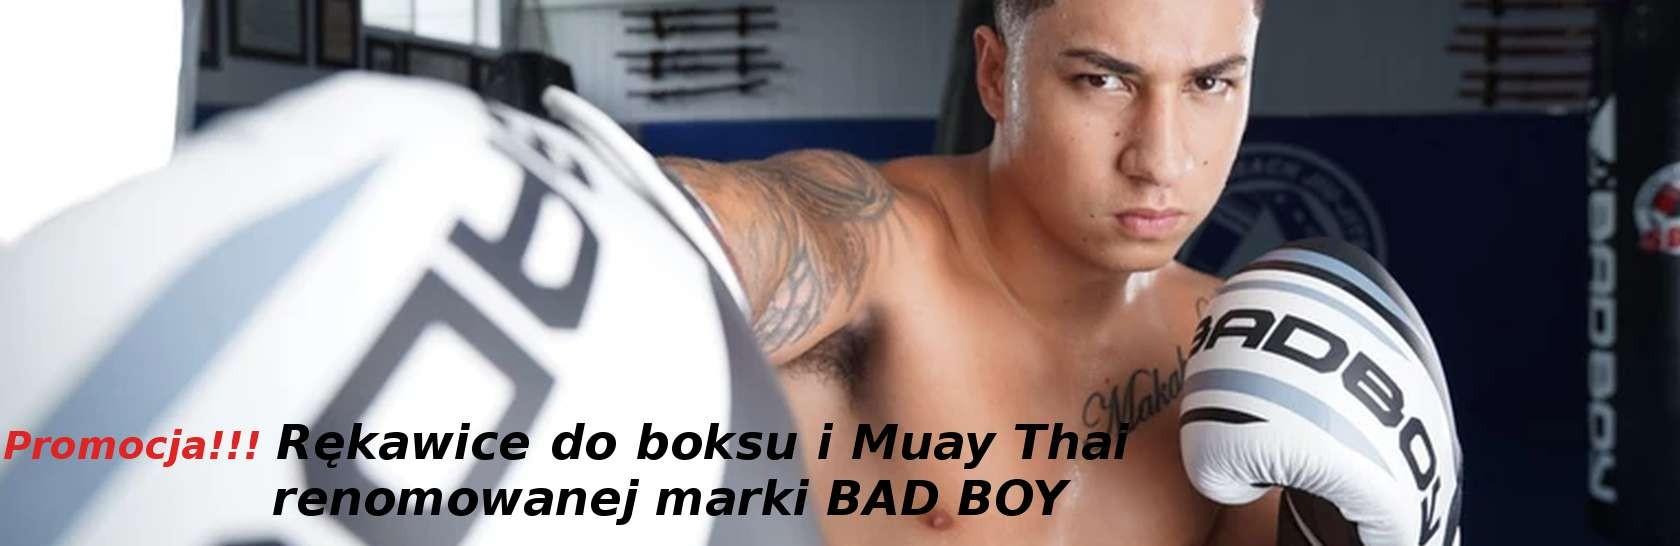 Promo BAD BOY